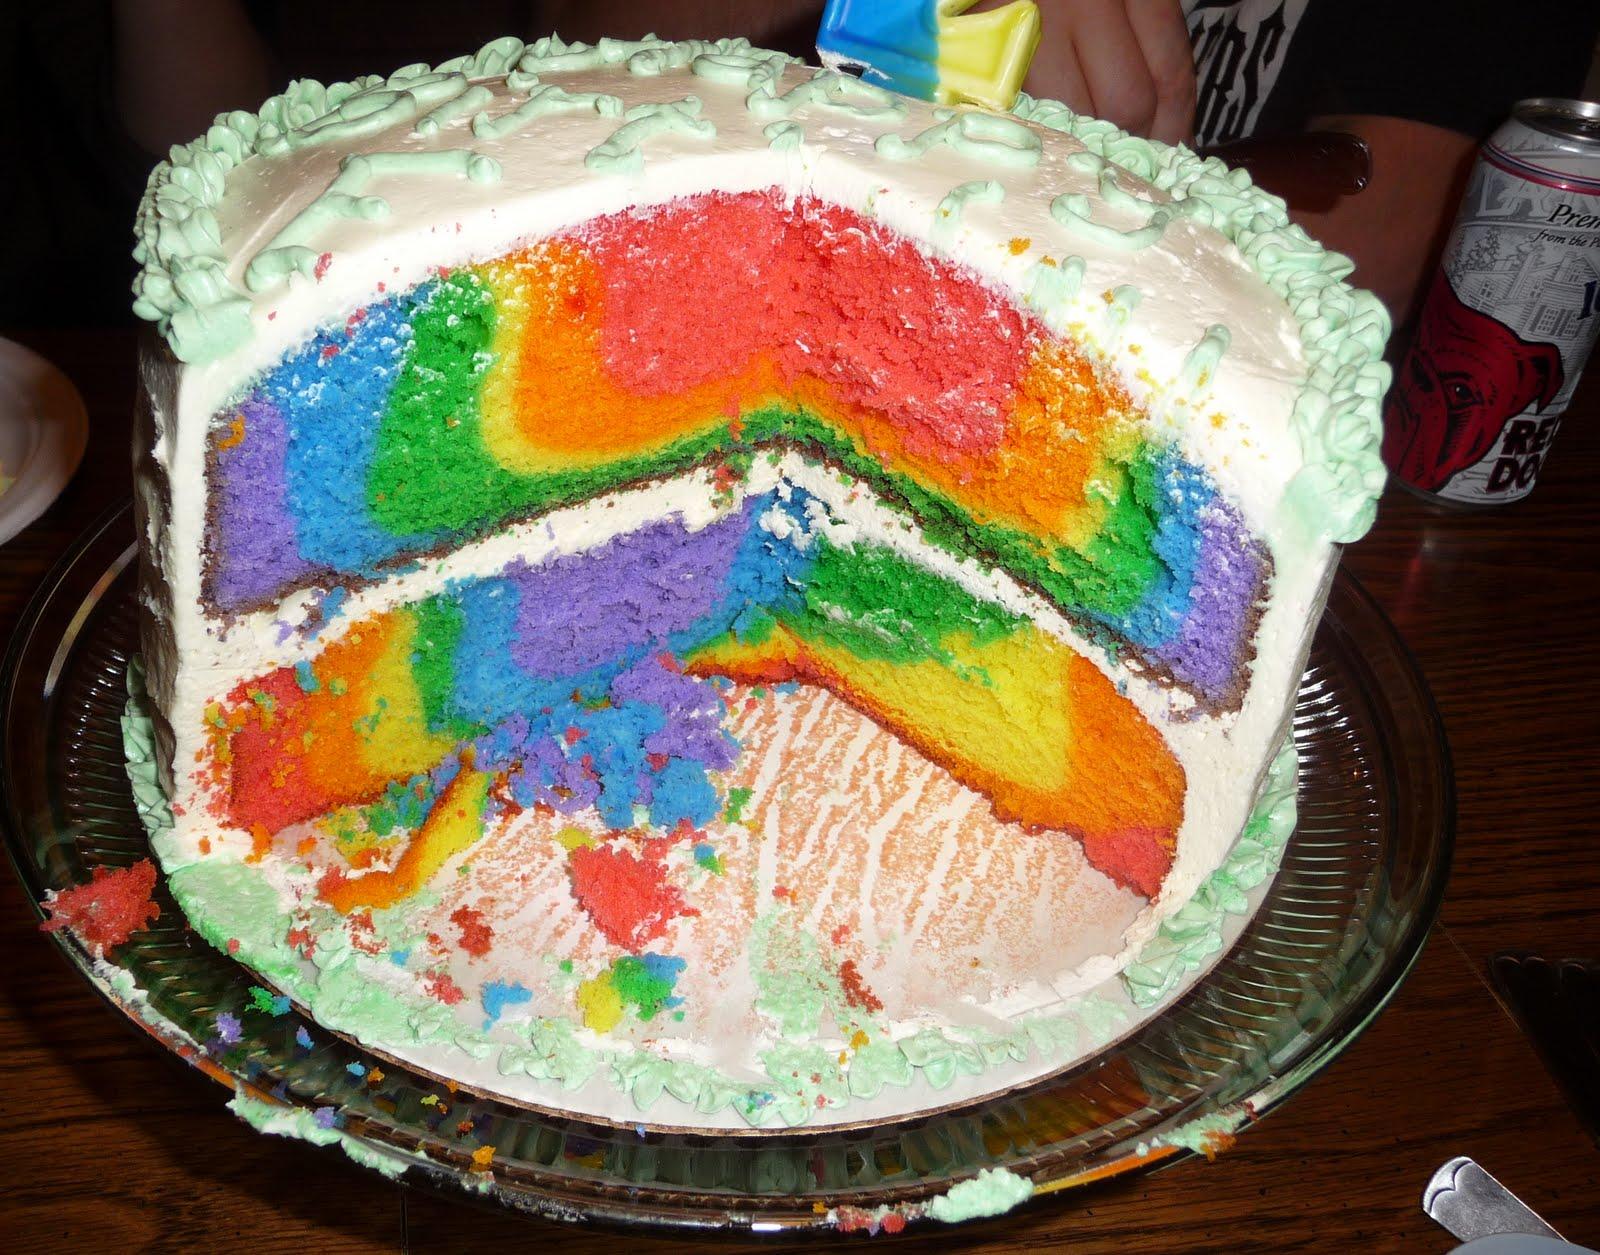 http://2.bp.blogspot.com/_iWvbGTRmyWk/SxRwAA_LcRI/AAAAAAAAALA/KoVhtAK0biQ/s1600/rainbow%2Bcake%2B9.jpg